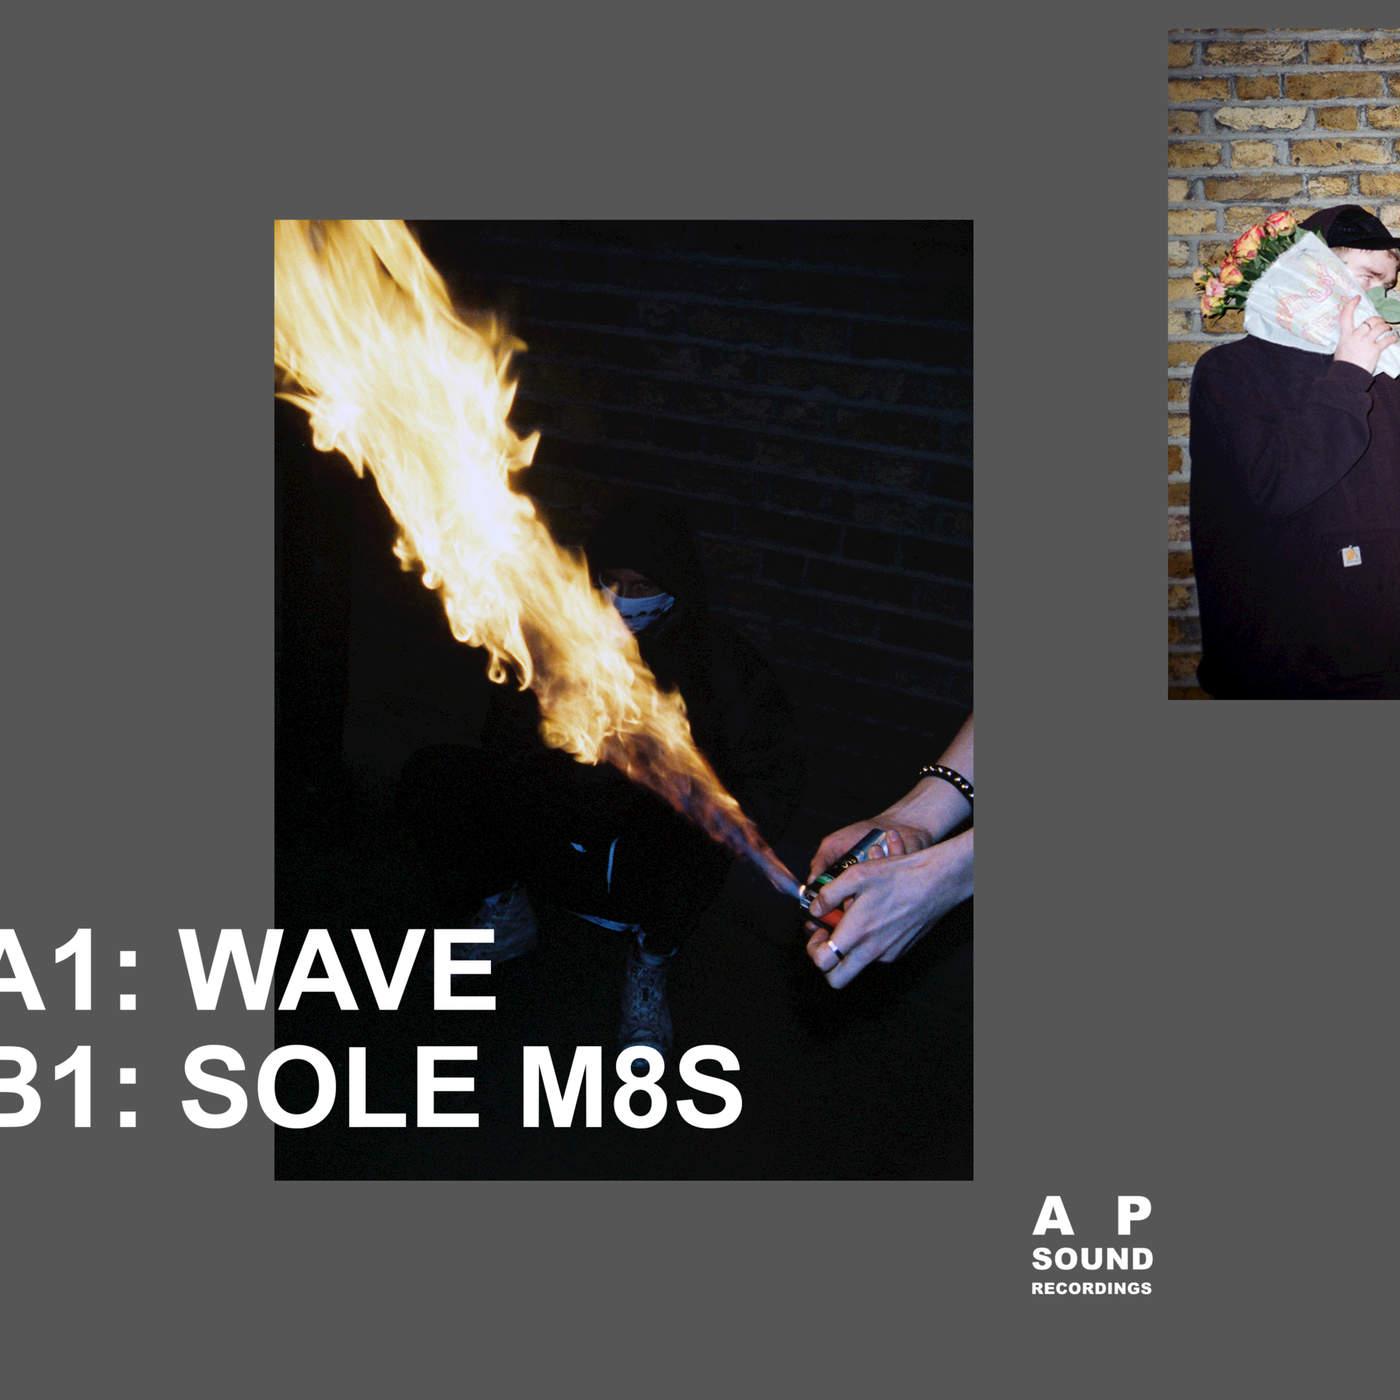 Mura Masa - Wave / Sole M8s - Single Cover